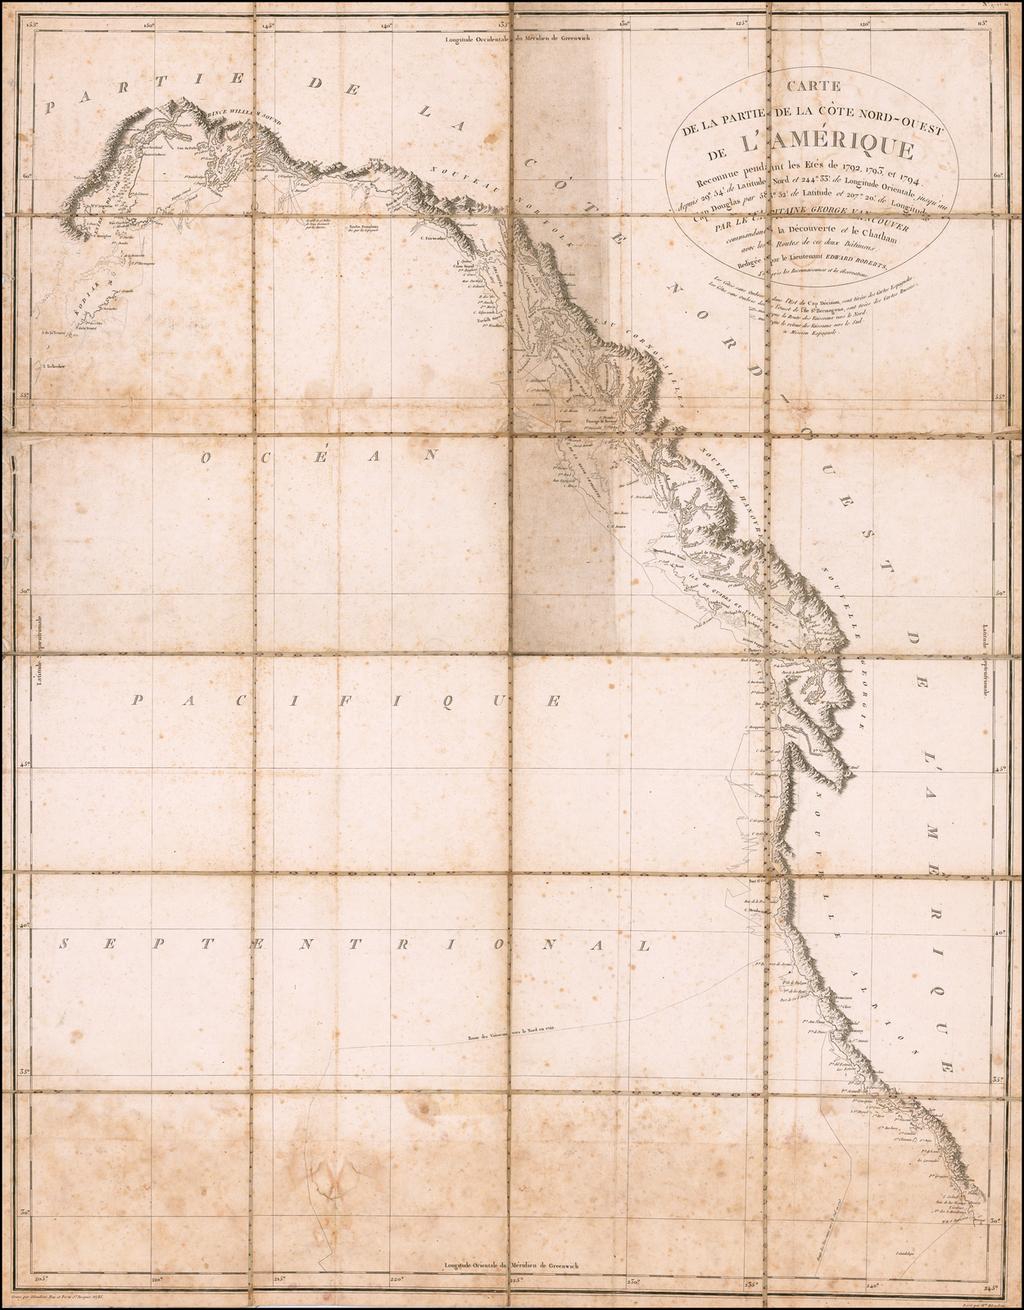 (West Coast of North America)  Carte de la Partie de la Cote Nord-Ouest de l'Amerique Reconnue pendant les Etes de 1792, 1793 et 1794 ... Captain George Vancouver.  By Capt. George Vancouver